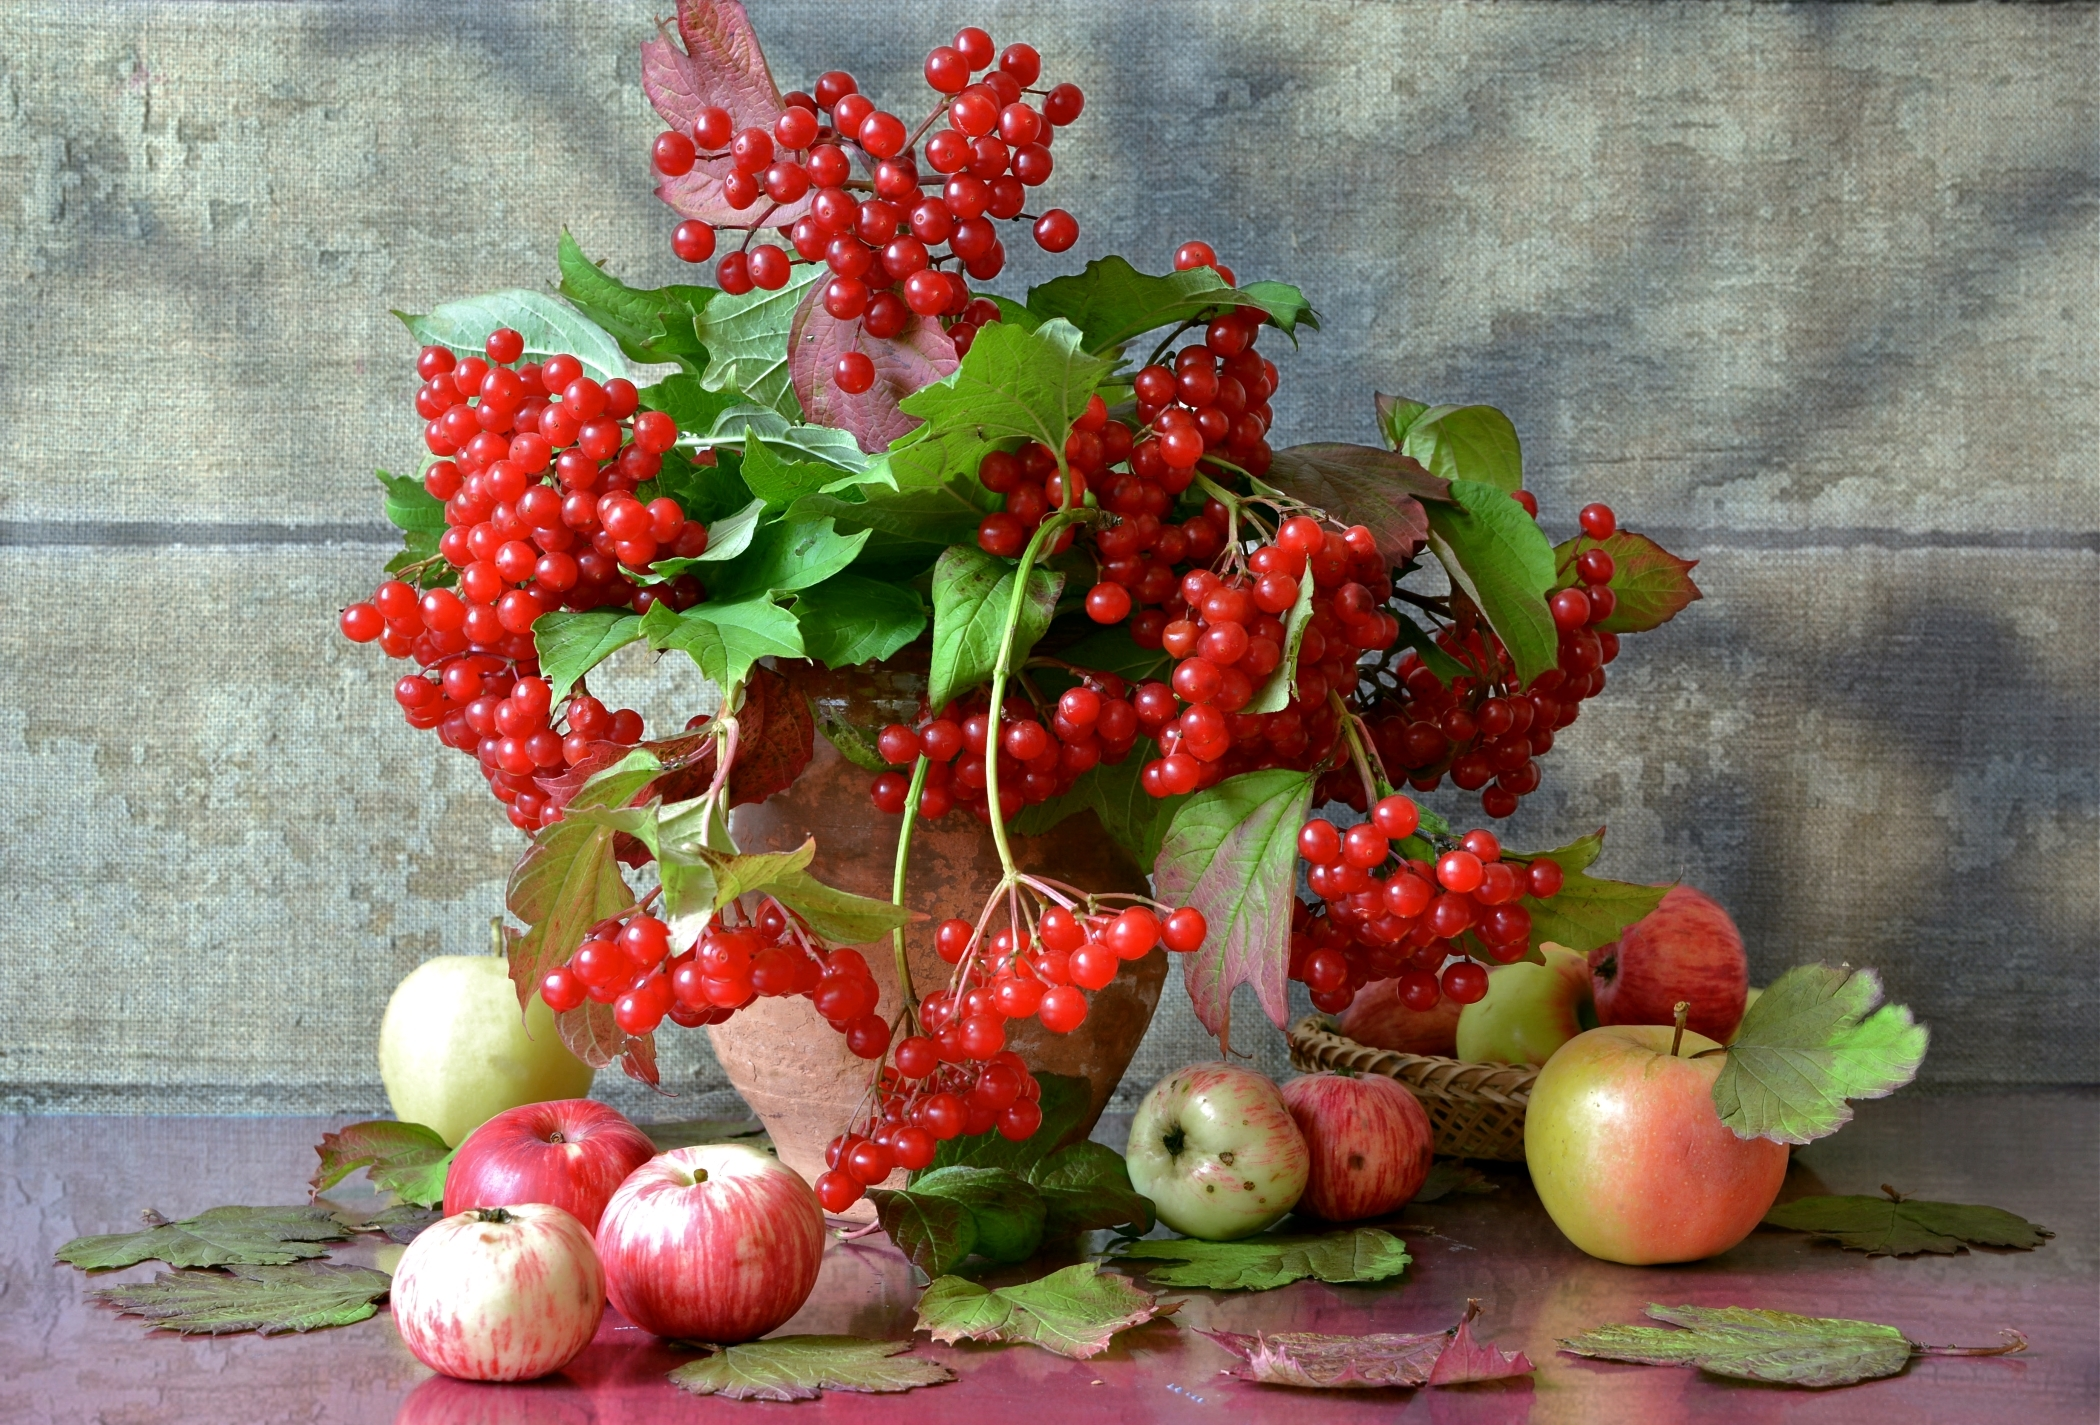 обои на рабочий стол ягоды осени № 649295 бесплатно